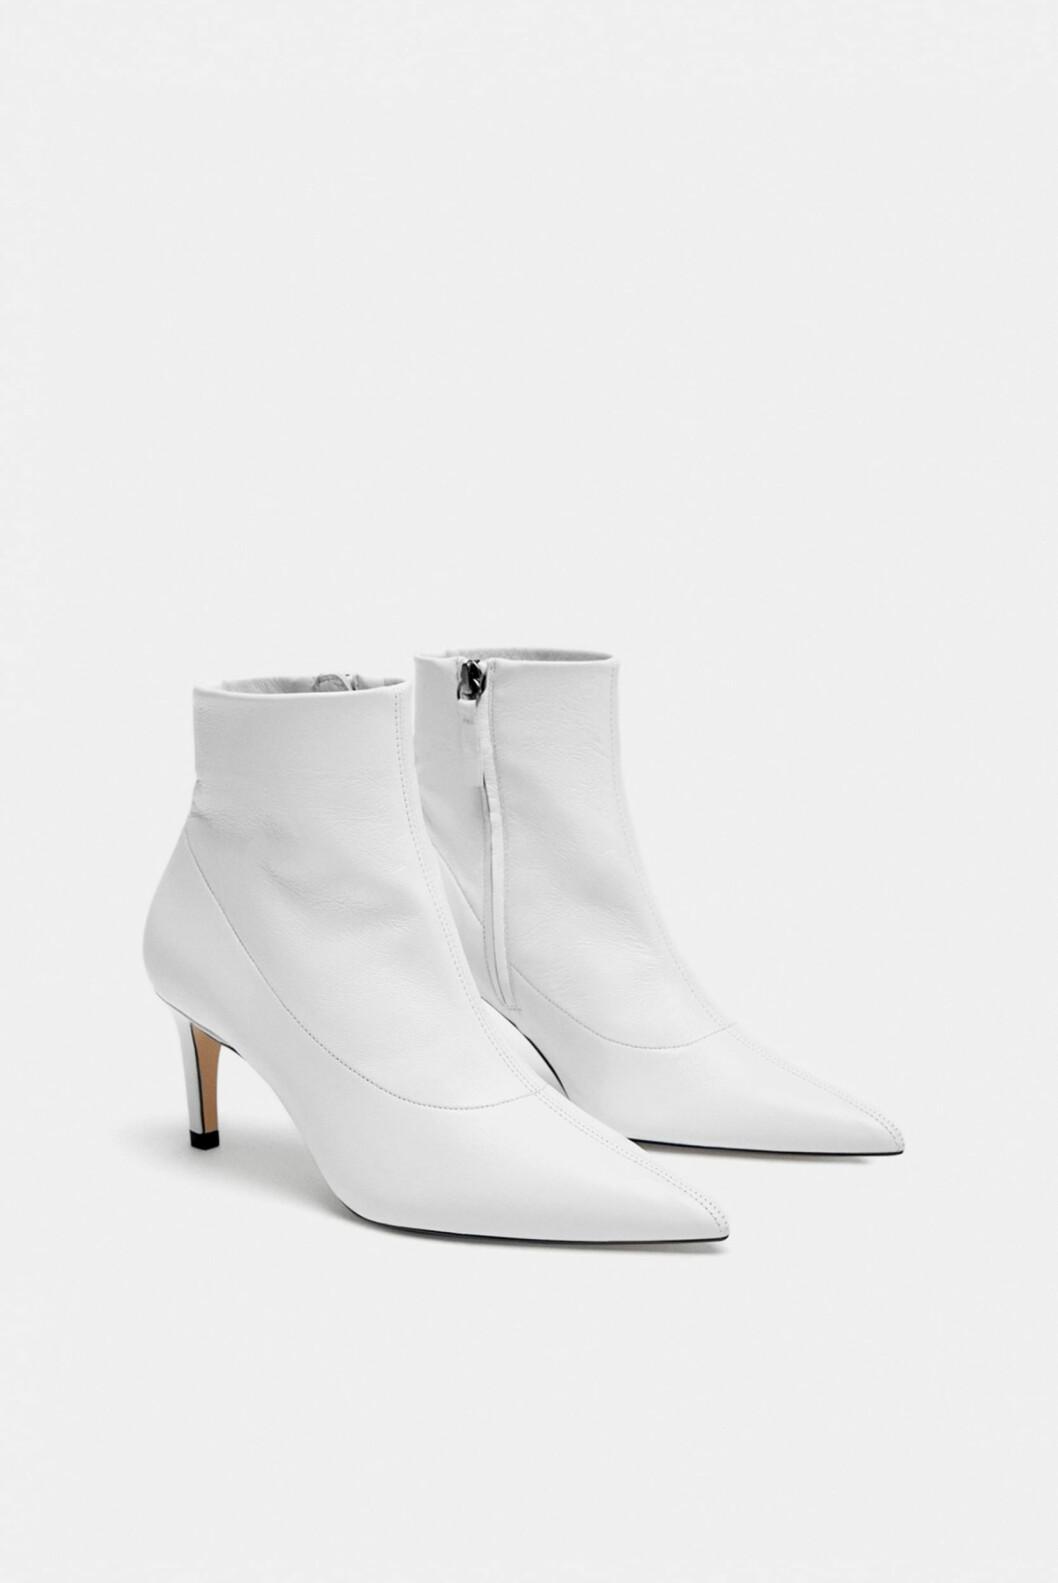 <strong>Sko fra Zara |900,-| https:</strong>//www.zara.com/no/no/h%C3%B8yh%C3%A6lt-skinnskolett-p15122301.html?v1=6575302&v2=1074625